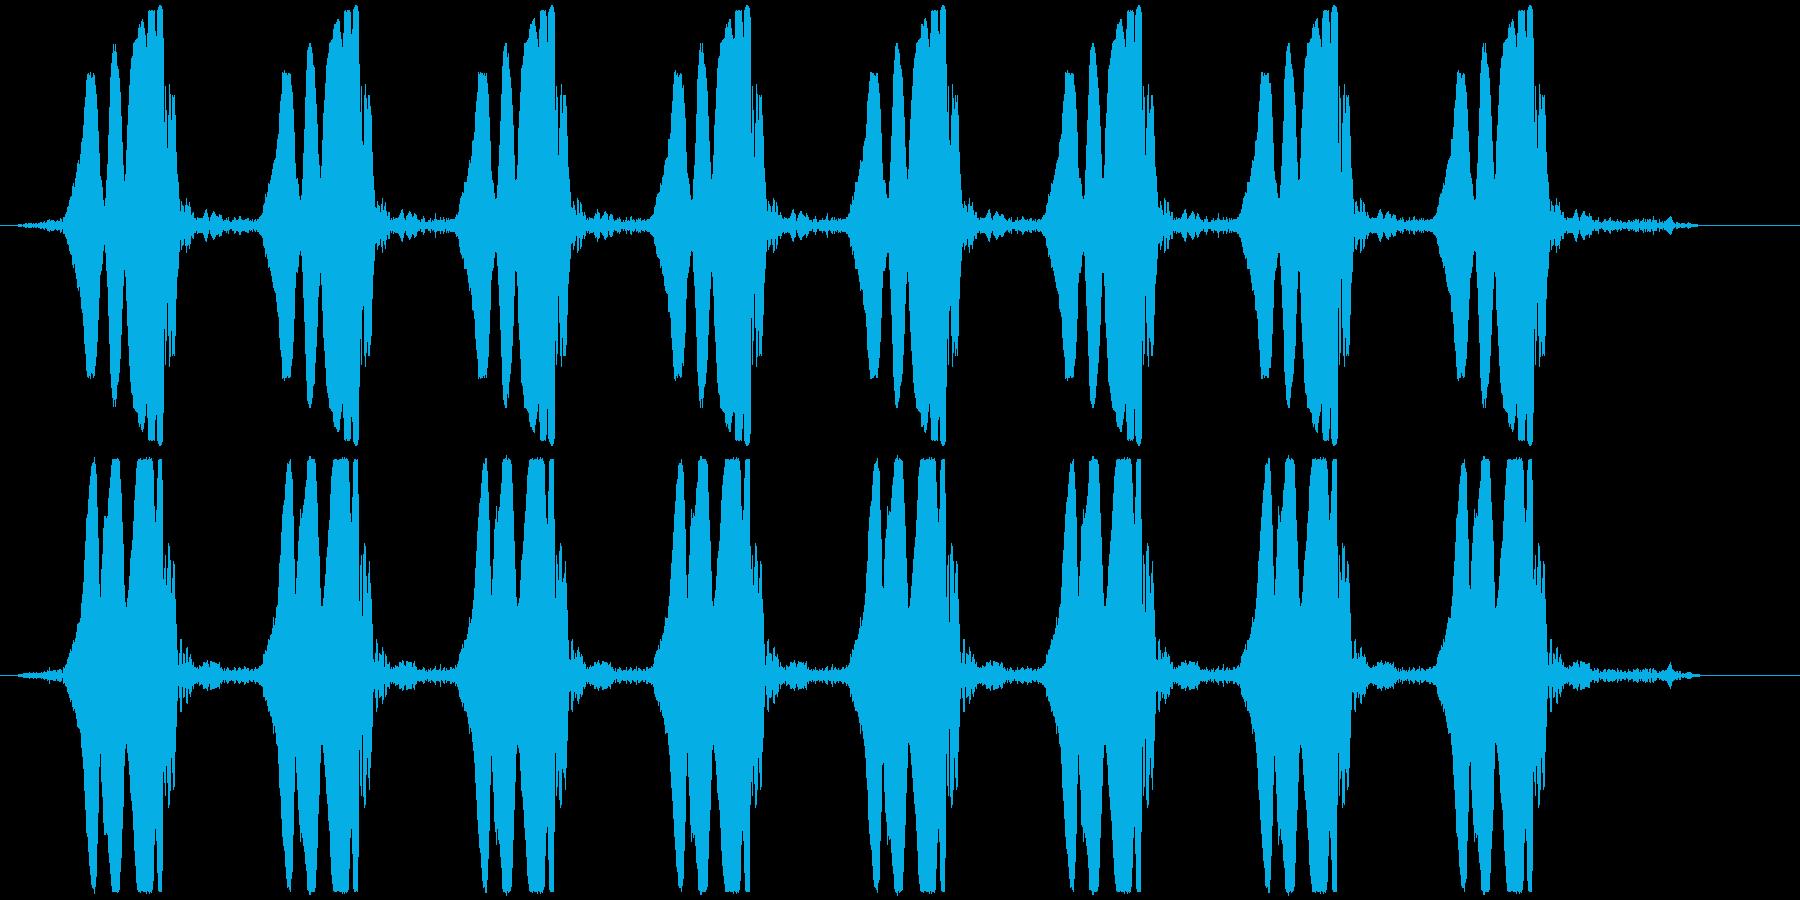 ヒヨヒヨヒヨ… 自主規制音(ピー音)の再生済みの波形